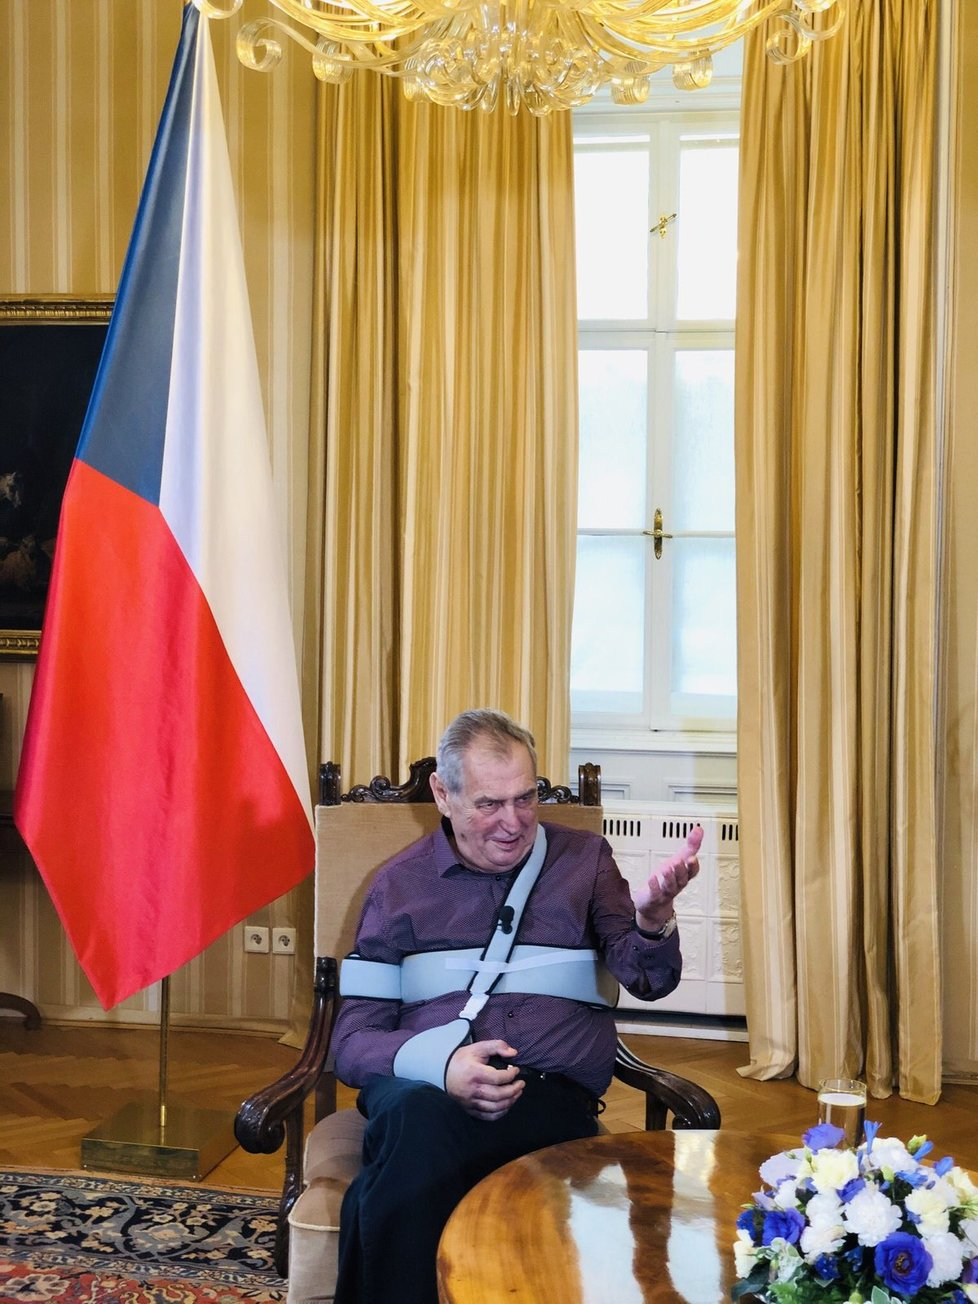 Prezident Miloš Zeman se týden po propuštění z nemocnice ukázal veřejnosti. TV Prima s ním na zámku v Lánech předtáčela rozhovor. Hlava státu má stále oteklou ruku, kterou nosí v ortéze.